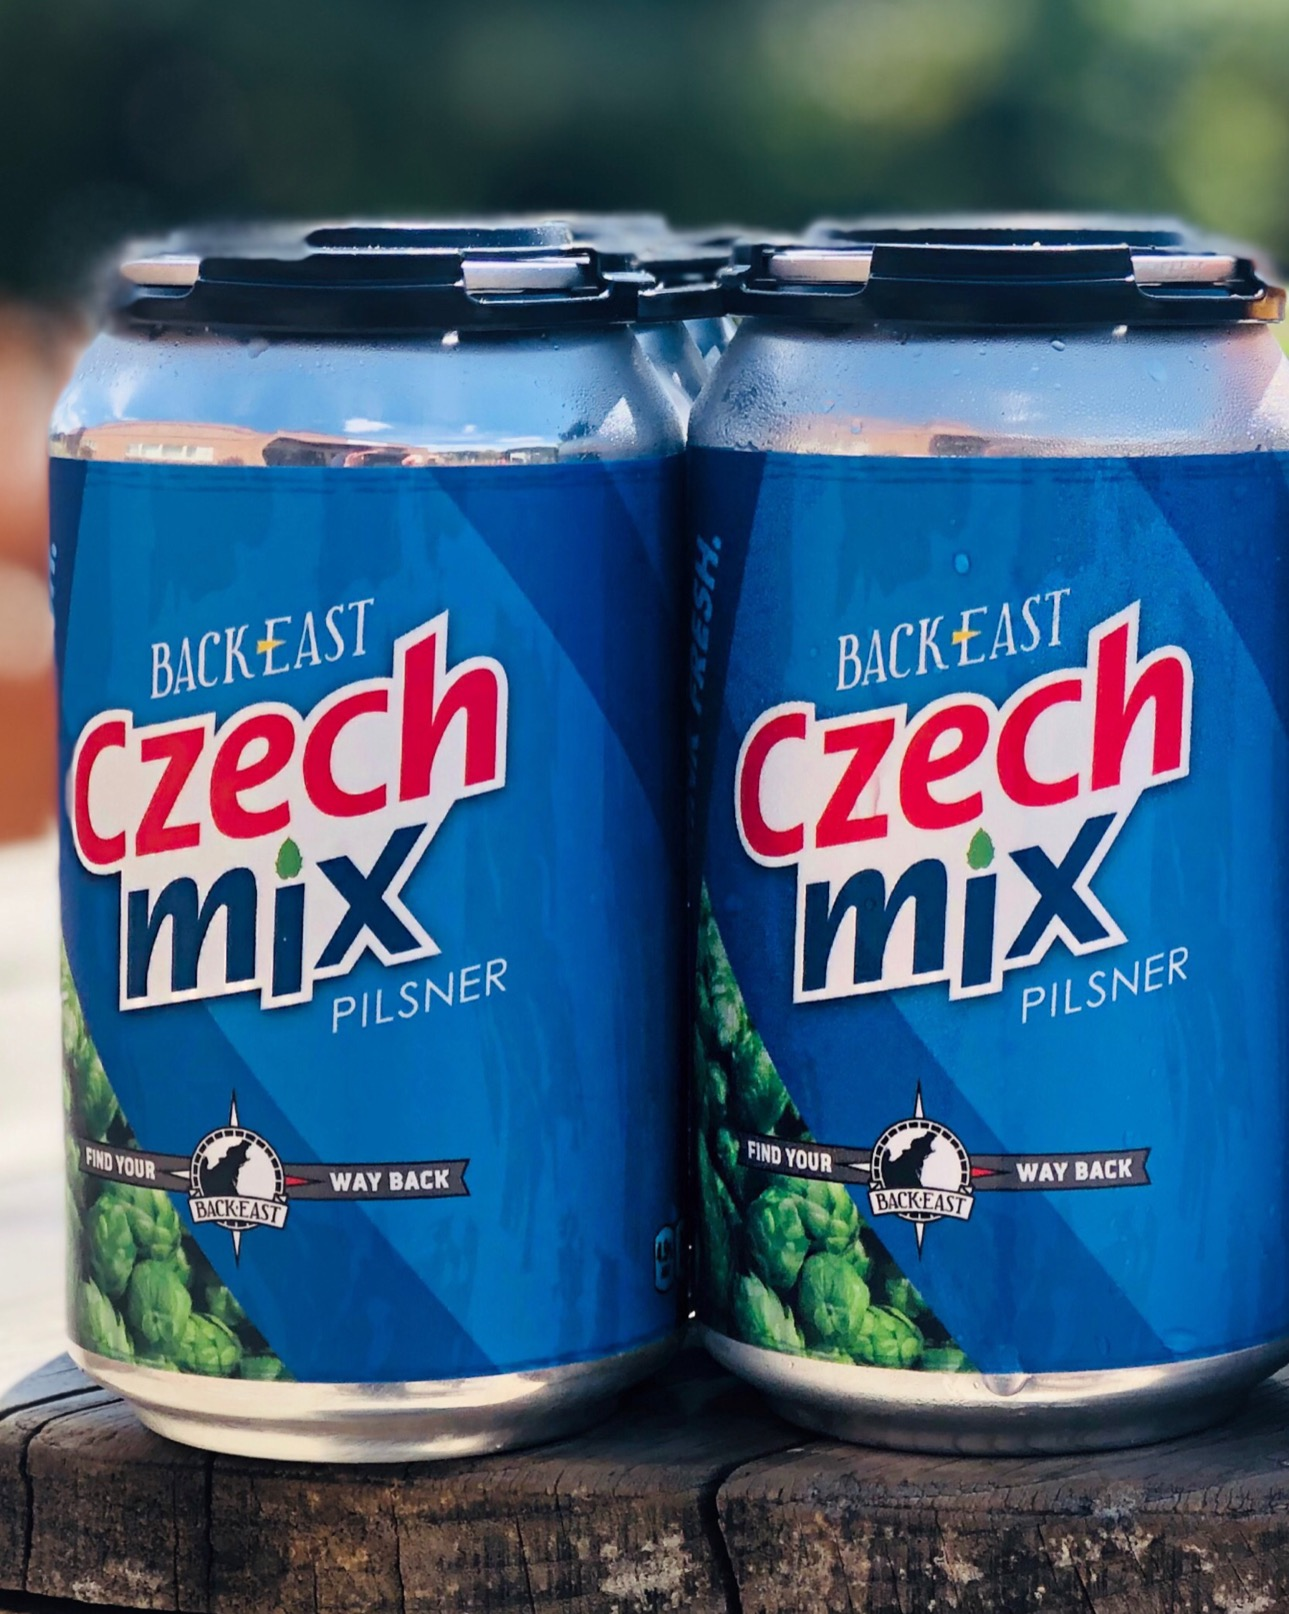 Czech Mix Pilsner